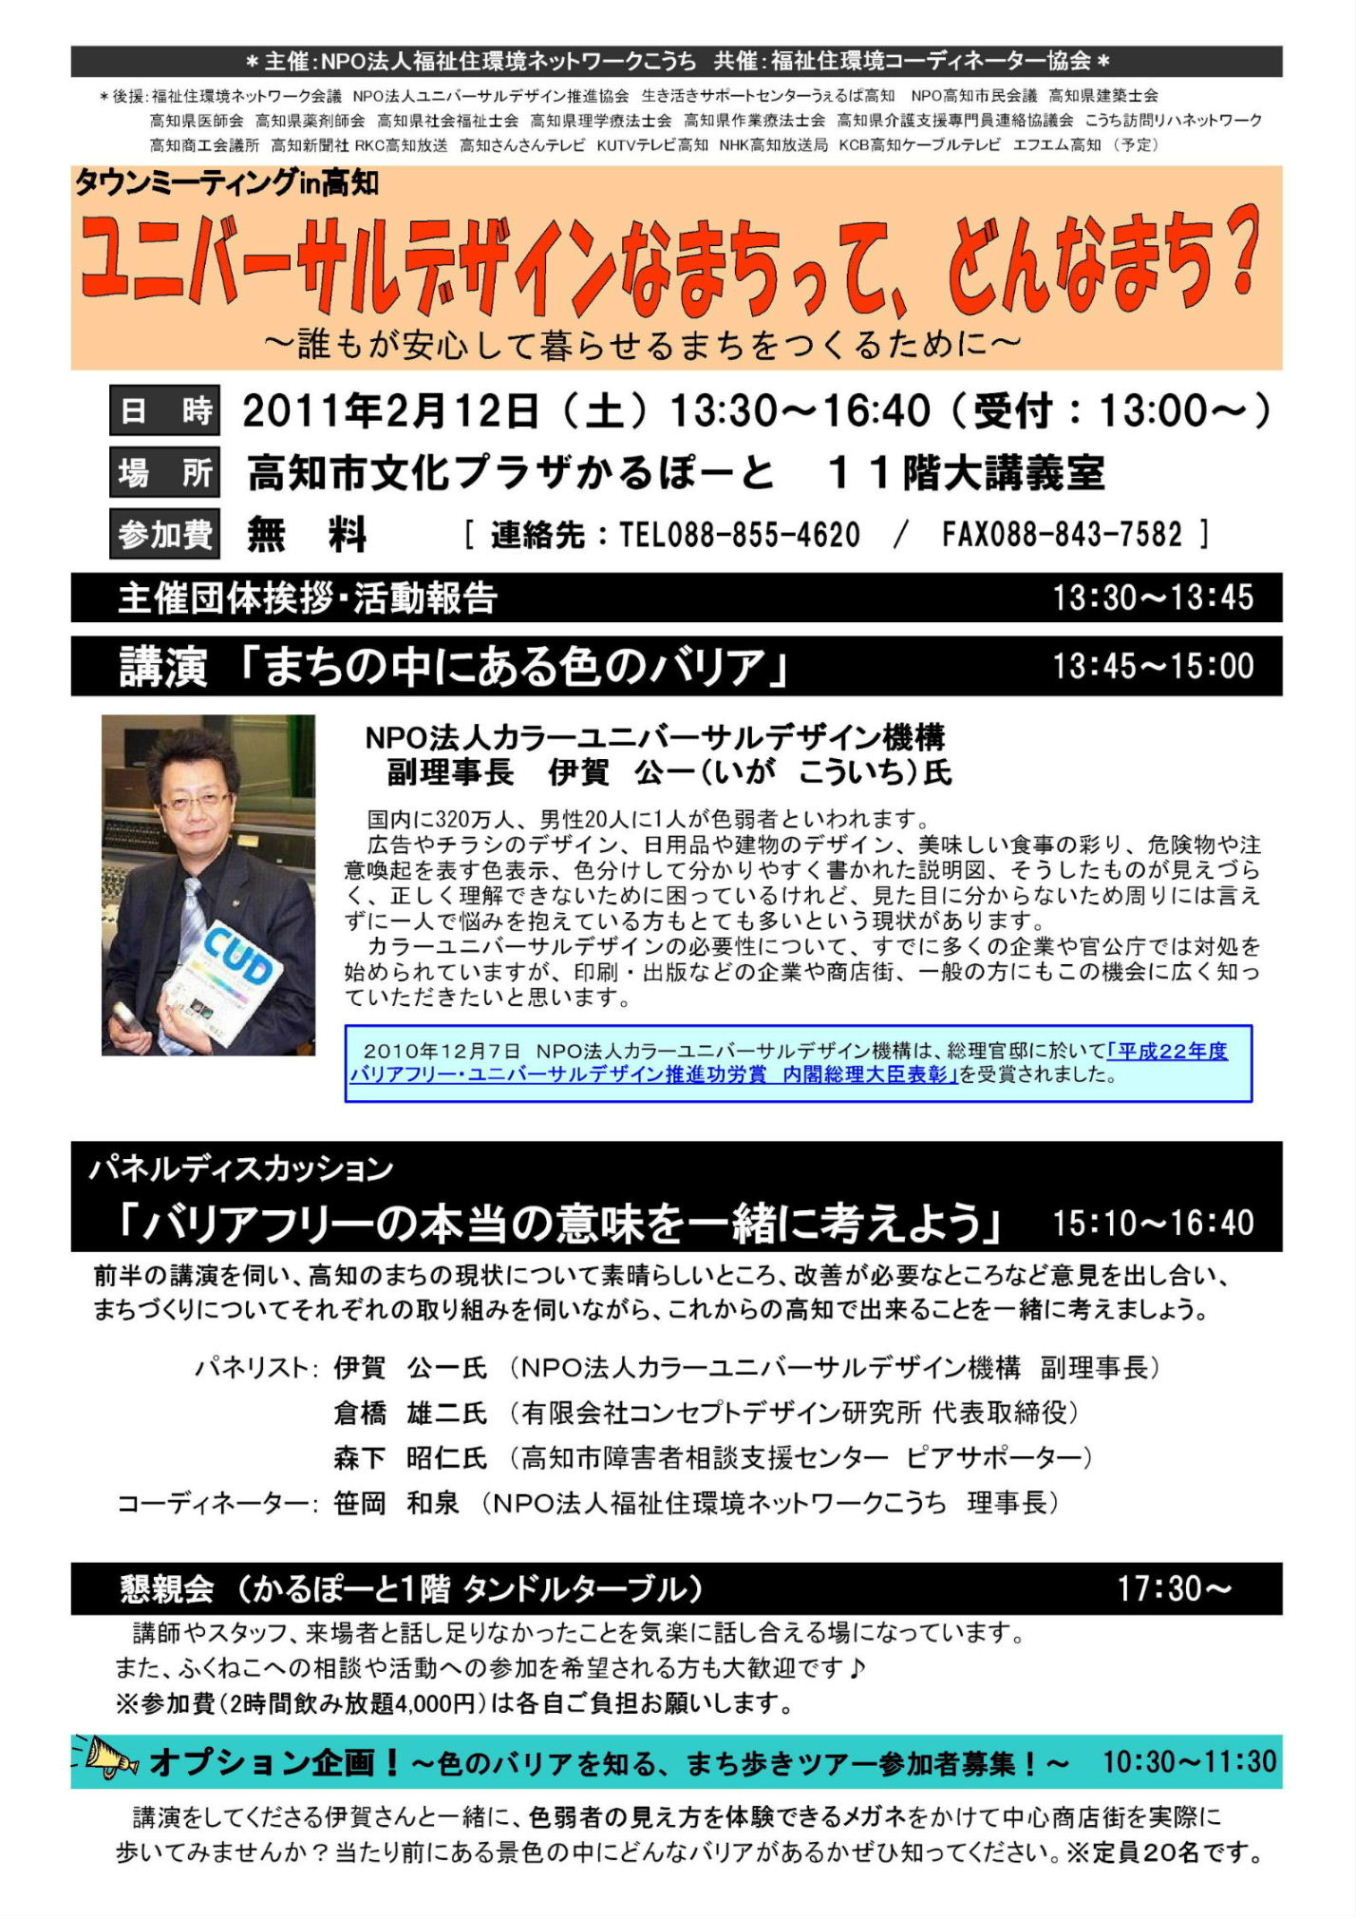 2011TM ちらし-1